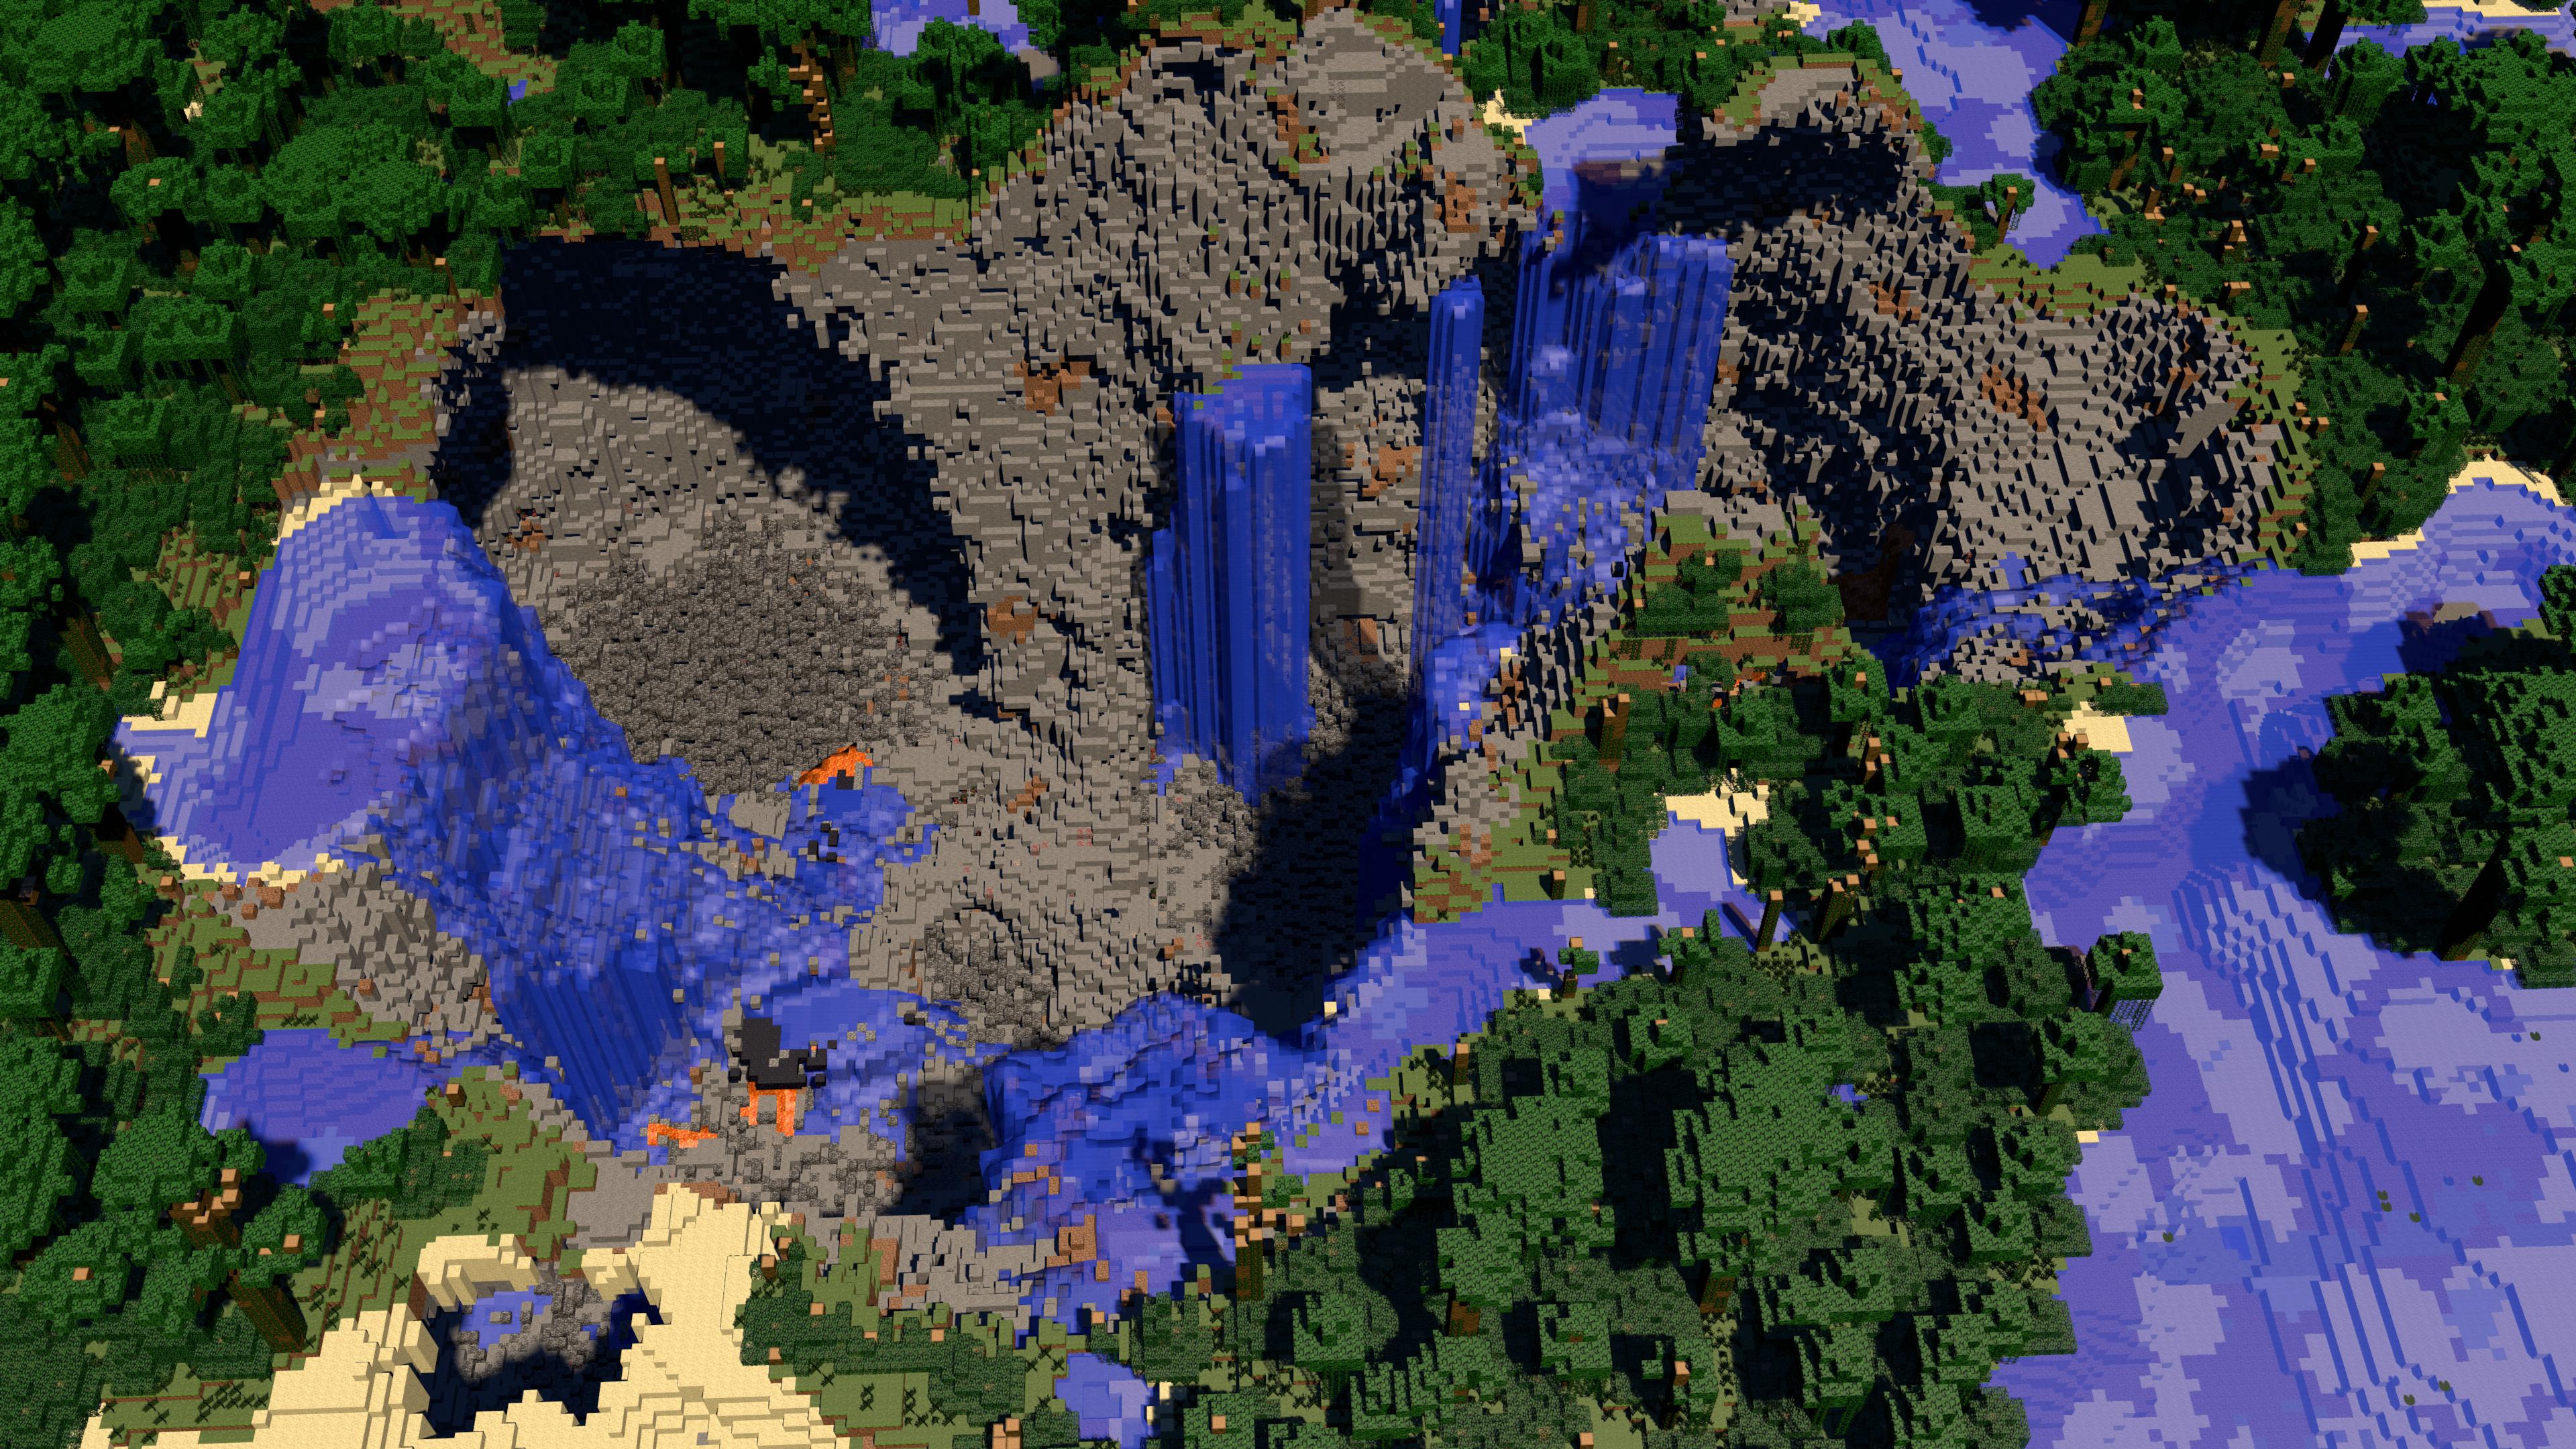 Rendered 4k Minecraft Crater Landscape Wallpaper By Syncedsart On Deviantart